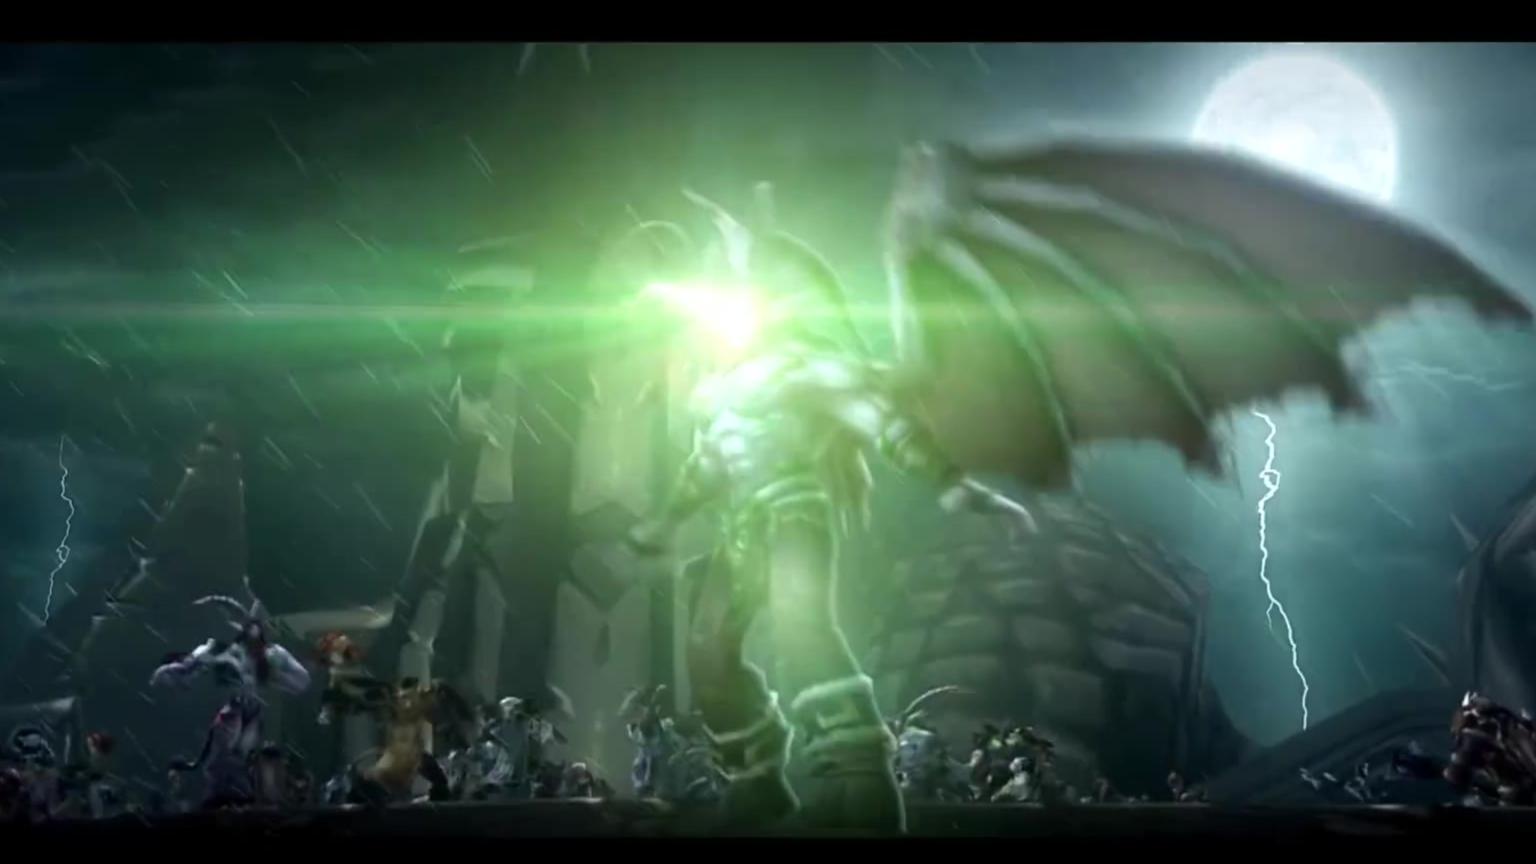 魔兽世界之燃烧的远征《黑暗神庙》2020重制版